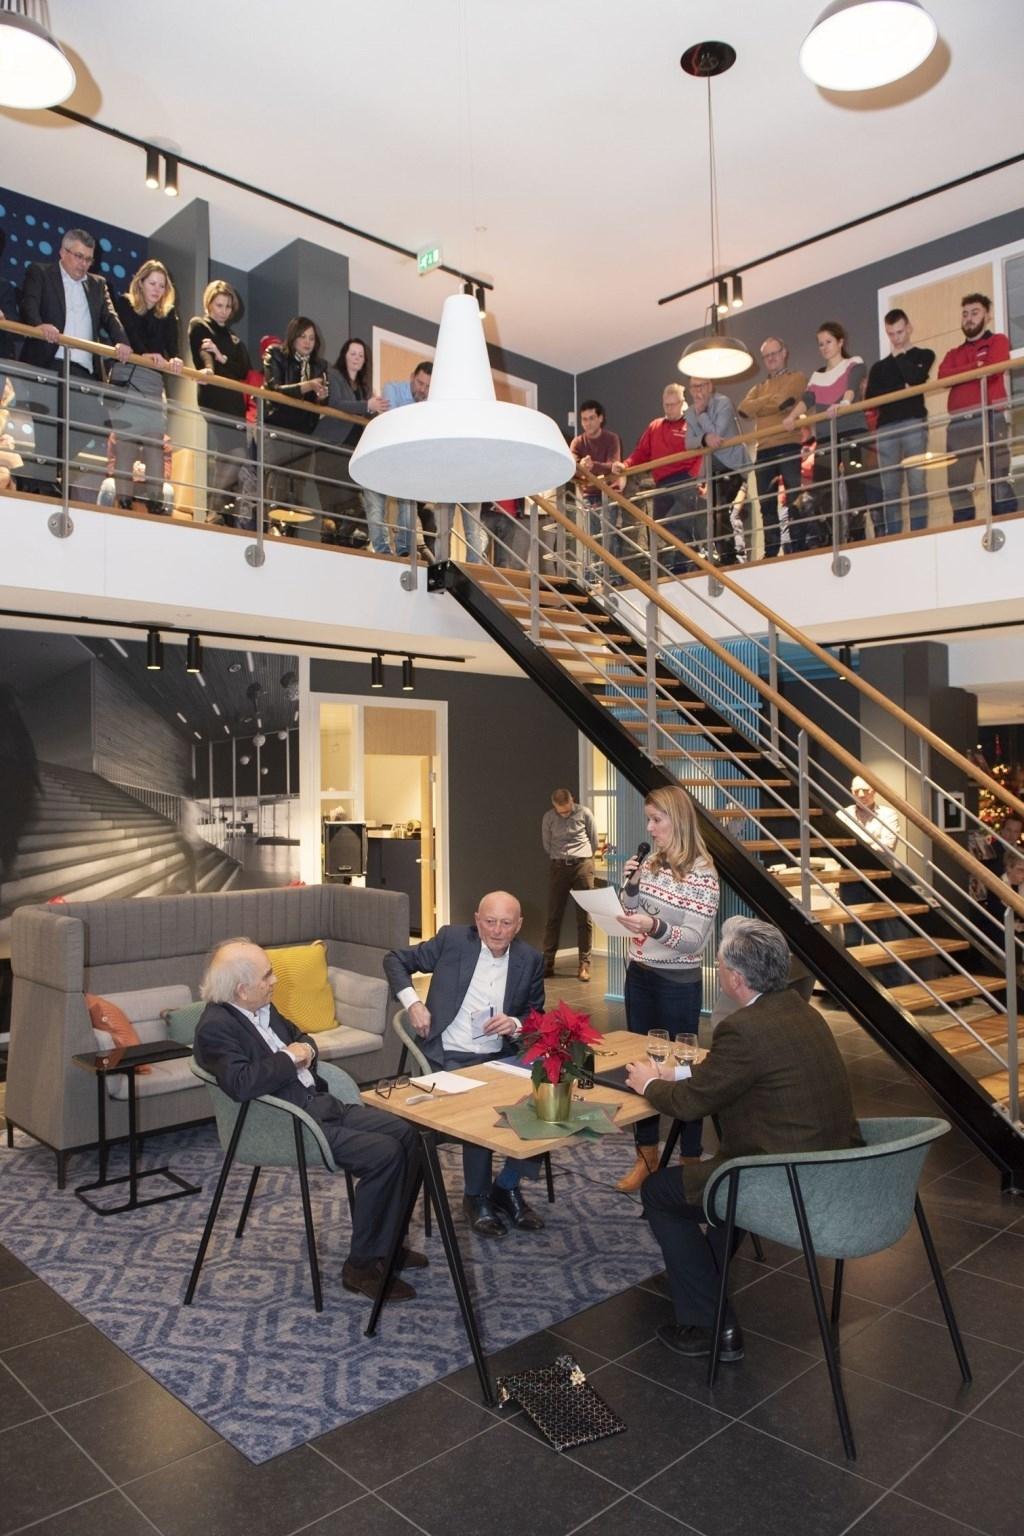 De laatste fase in de verzelfstandiging van Endenburg vindt plaats onder toeziend oog van alle medewerkers en de notaris. Foto: Beguin Media Totaal / Michel Groen © rotterdam